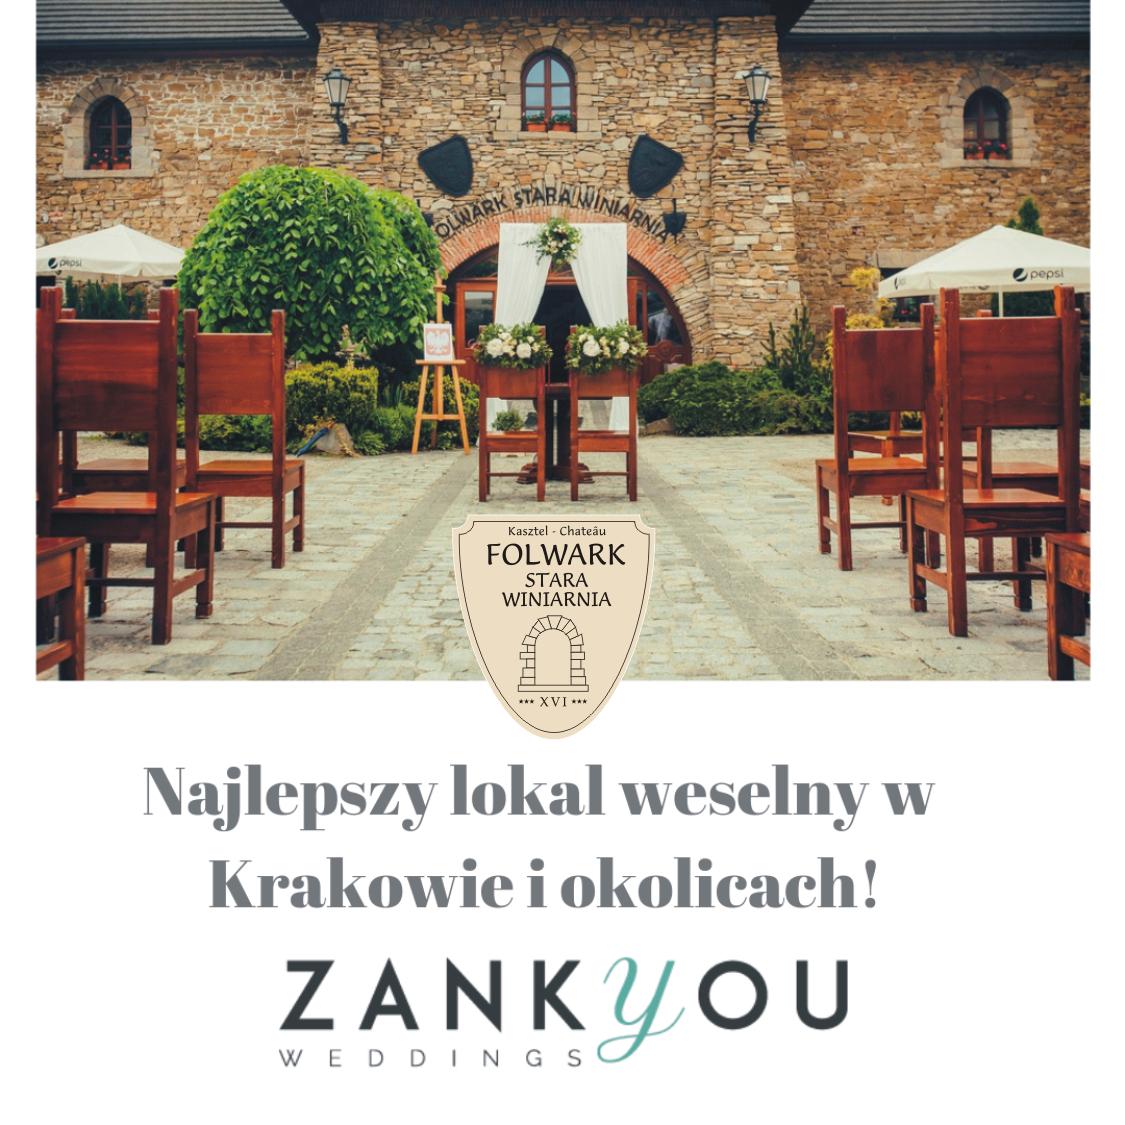 Zankyou poleca na wesele w Małopolsce